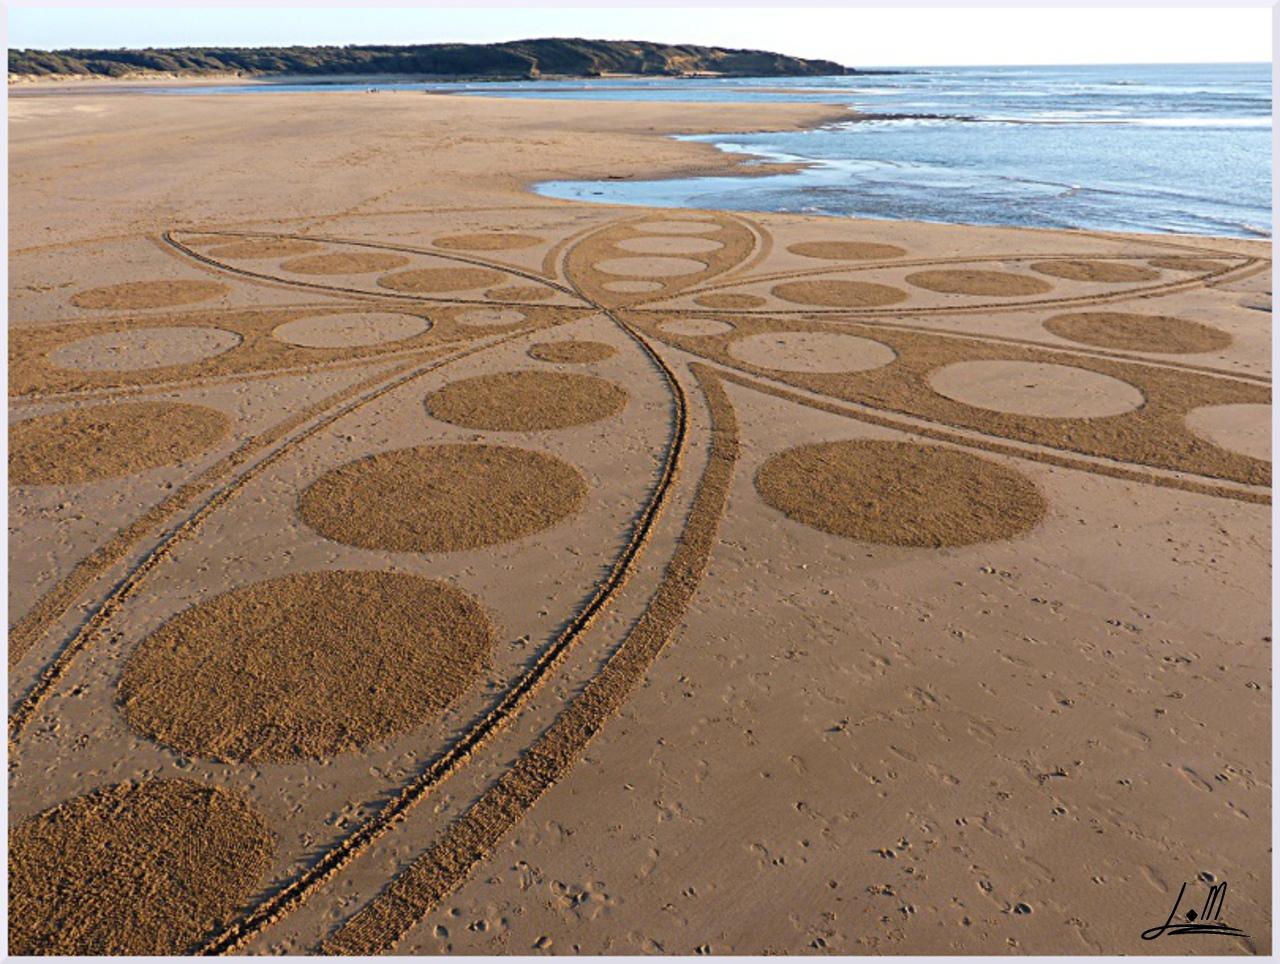 Fresque Beach art Rosace du Veillon, Michel Jobard